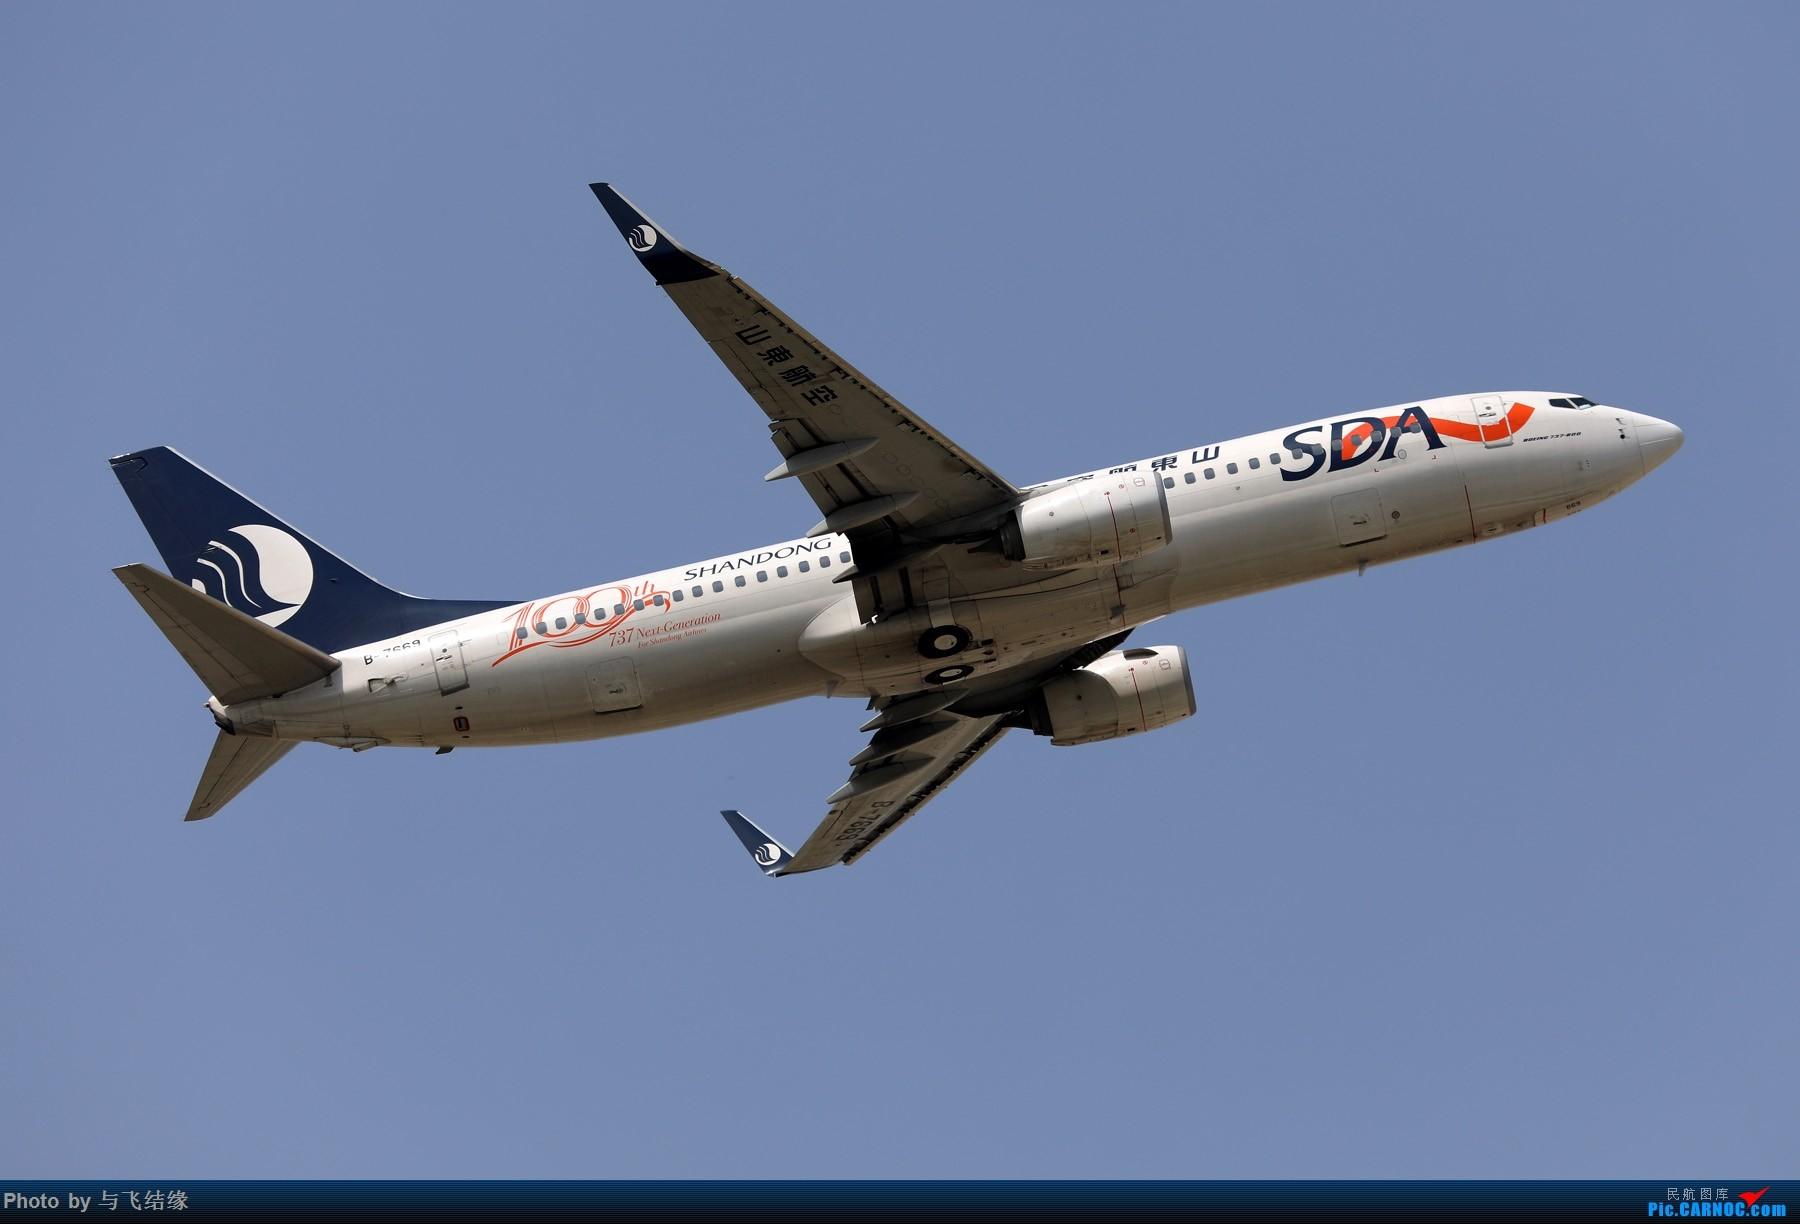 波音738 山东_[原创]山东航空第一百架波音boeing 737-800,B-7669.